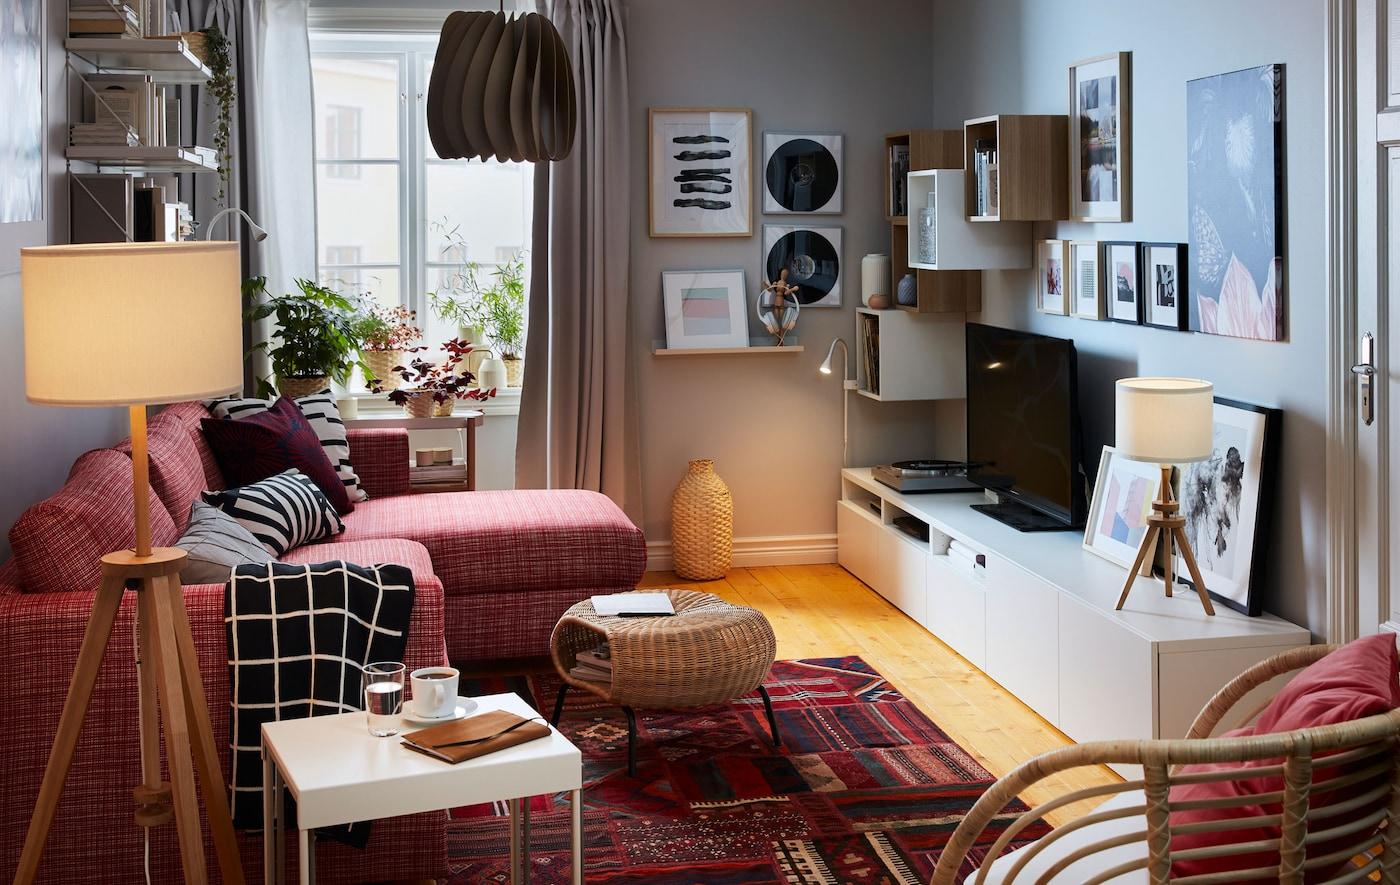 غرفة جلوس صغيرة مع كنبة سرير مع أريكة استرخاء على جانب واحد؛ خزانة جانبيه، تخزين، تلفزيون، وستيريو وأعمال فنية من ناحية أخرى.